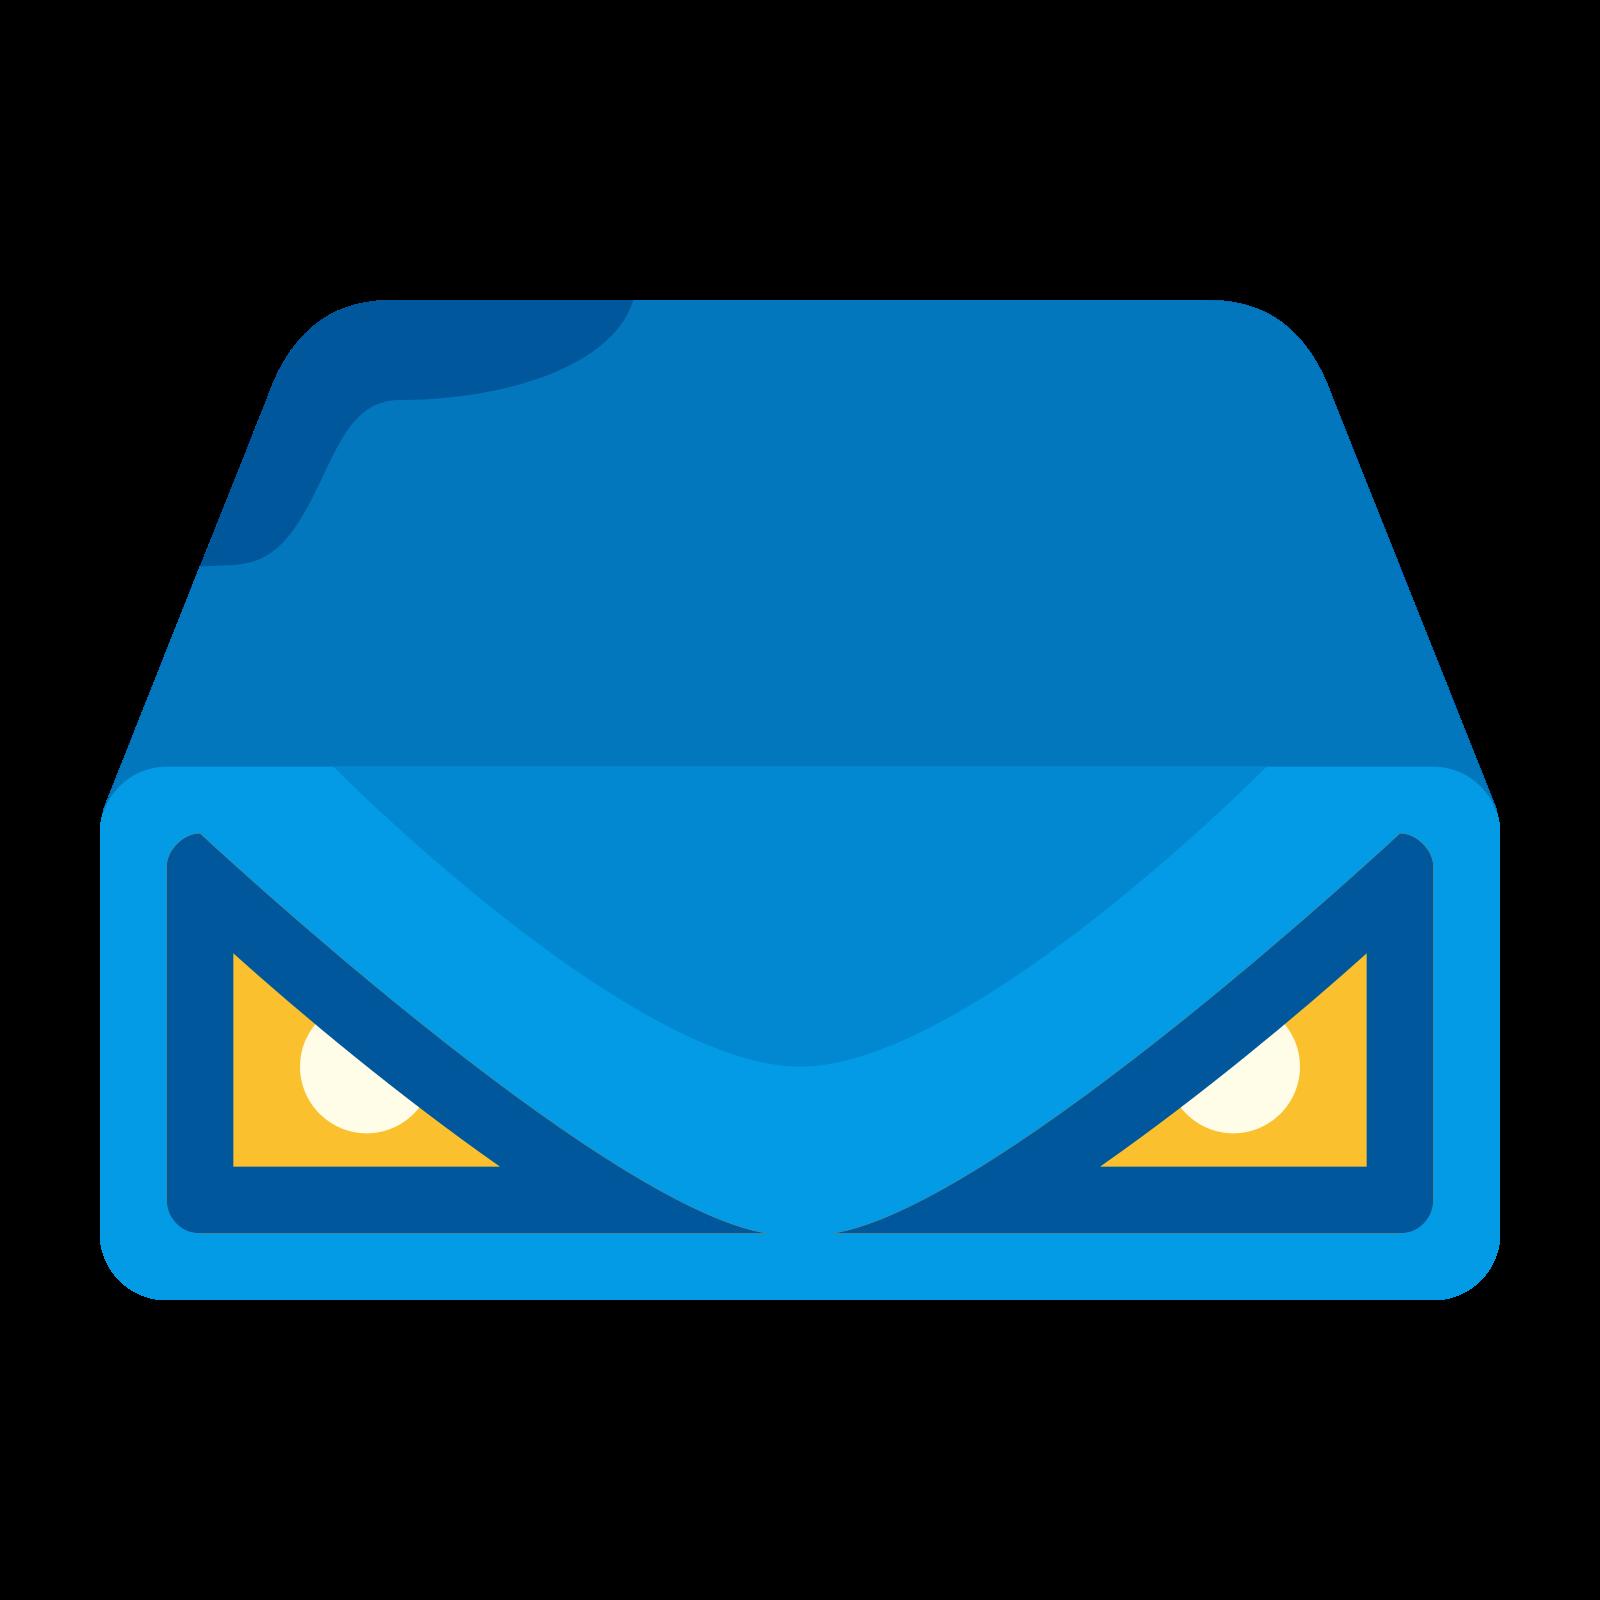 Mek-Quake icon